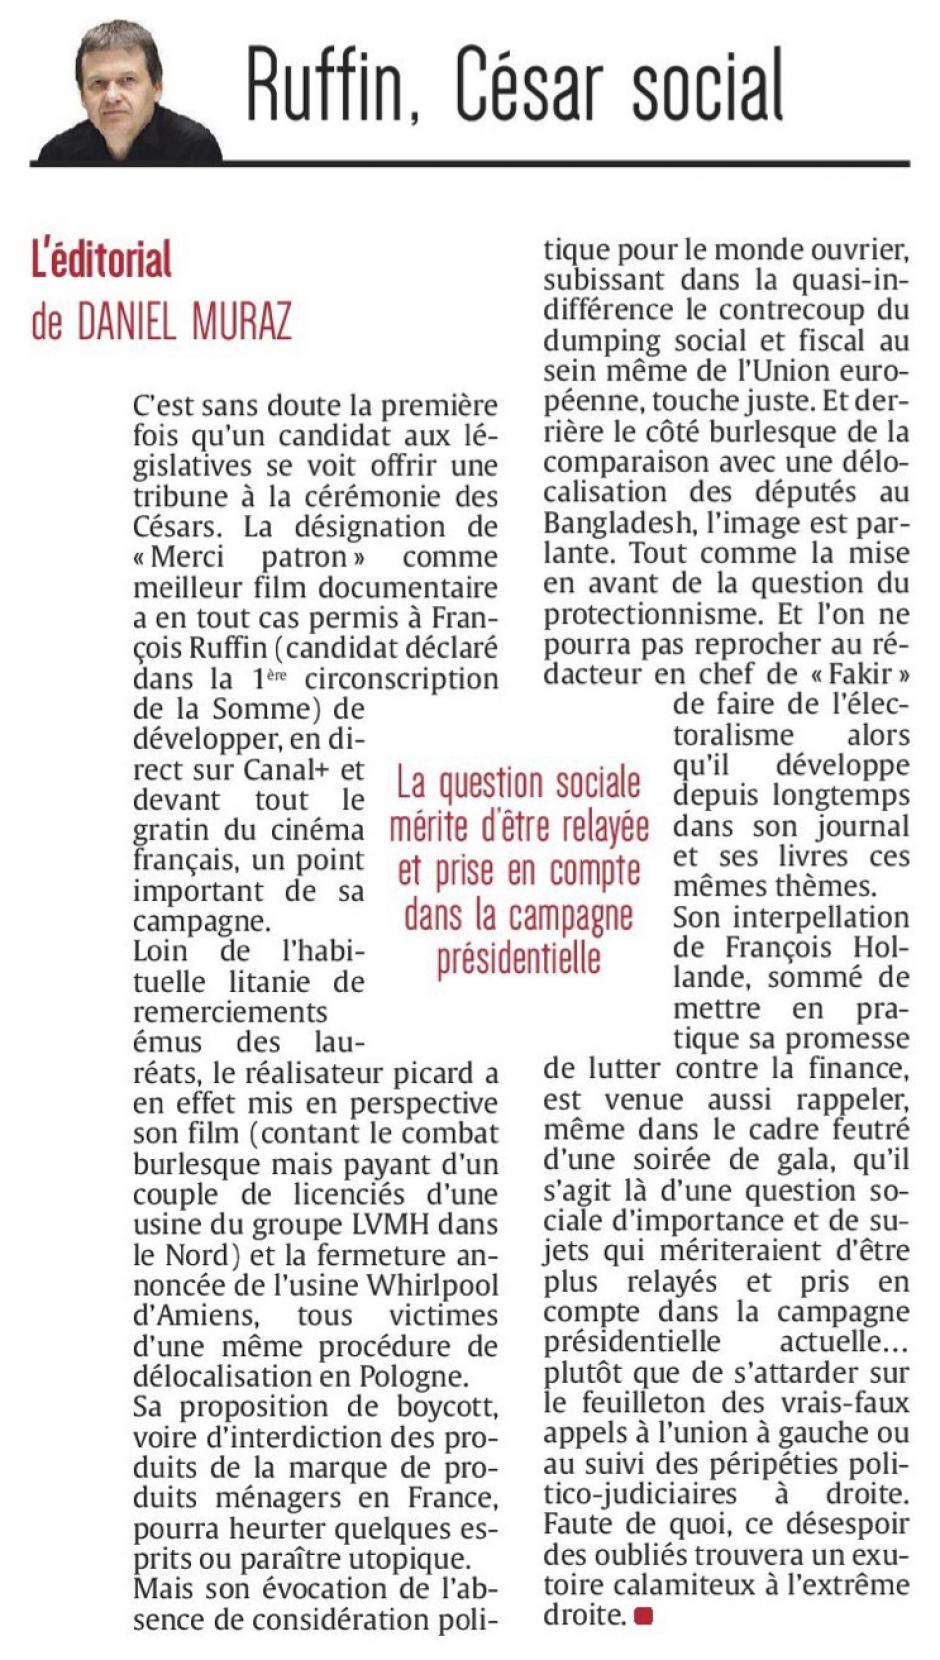 20170226-CP-Édito : « Ruffin, César social »